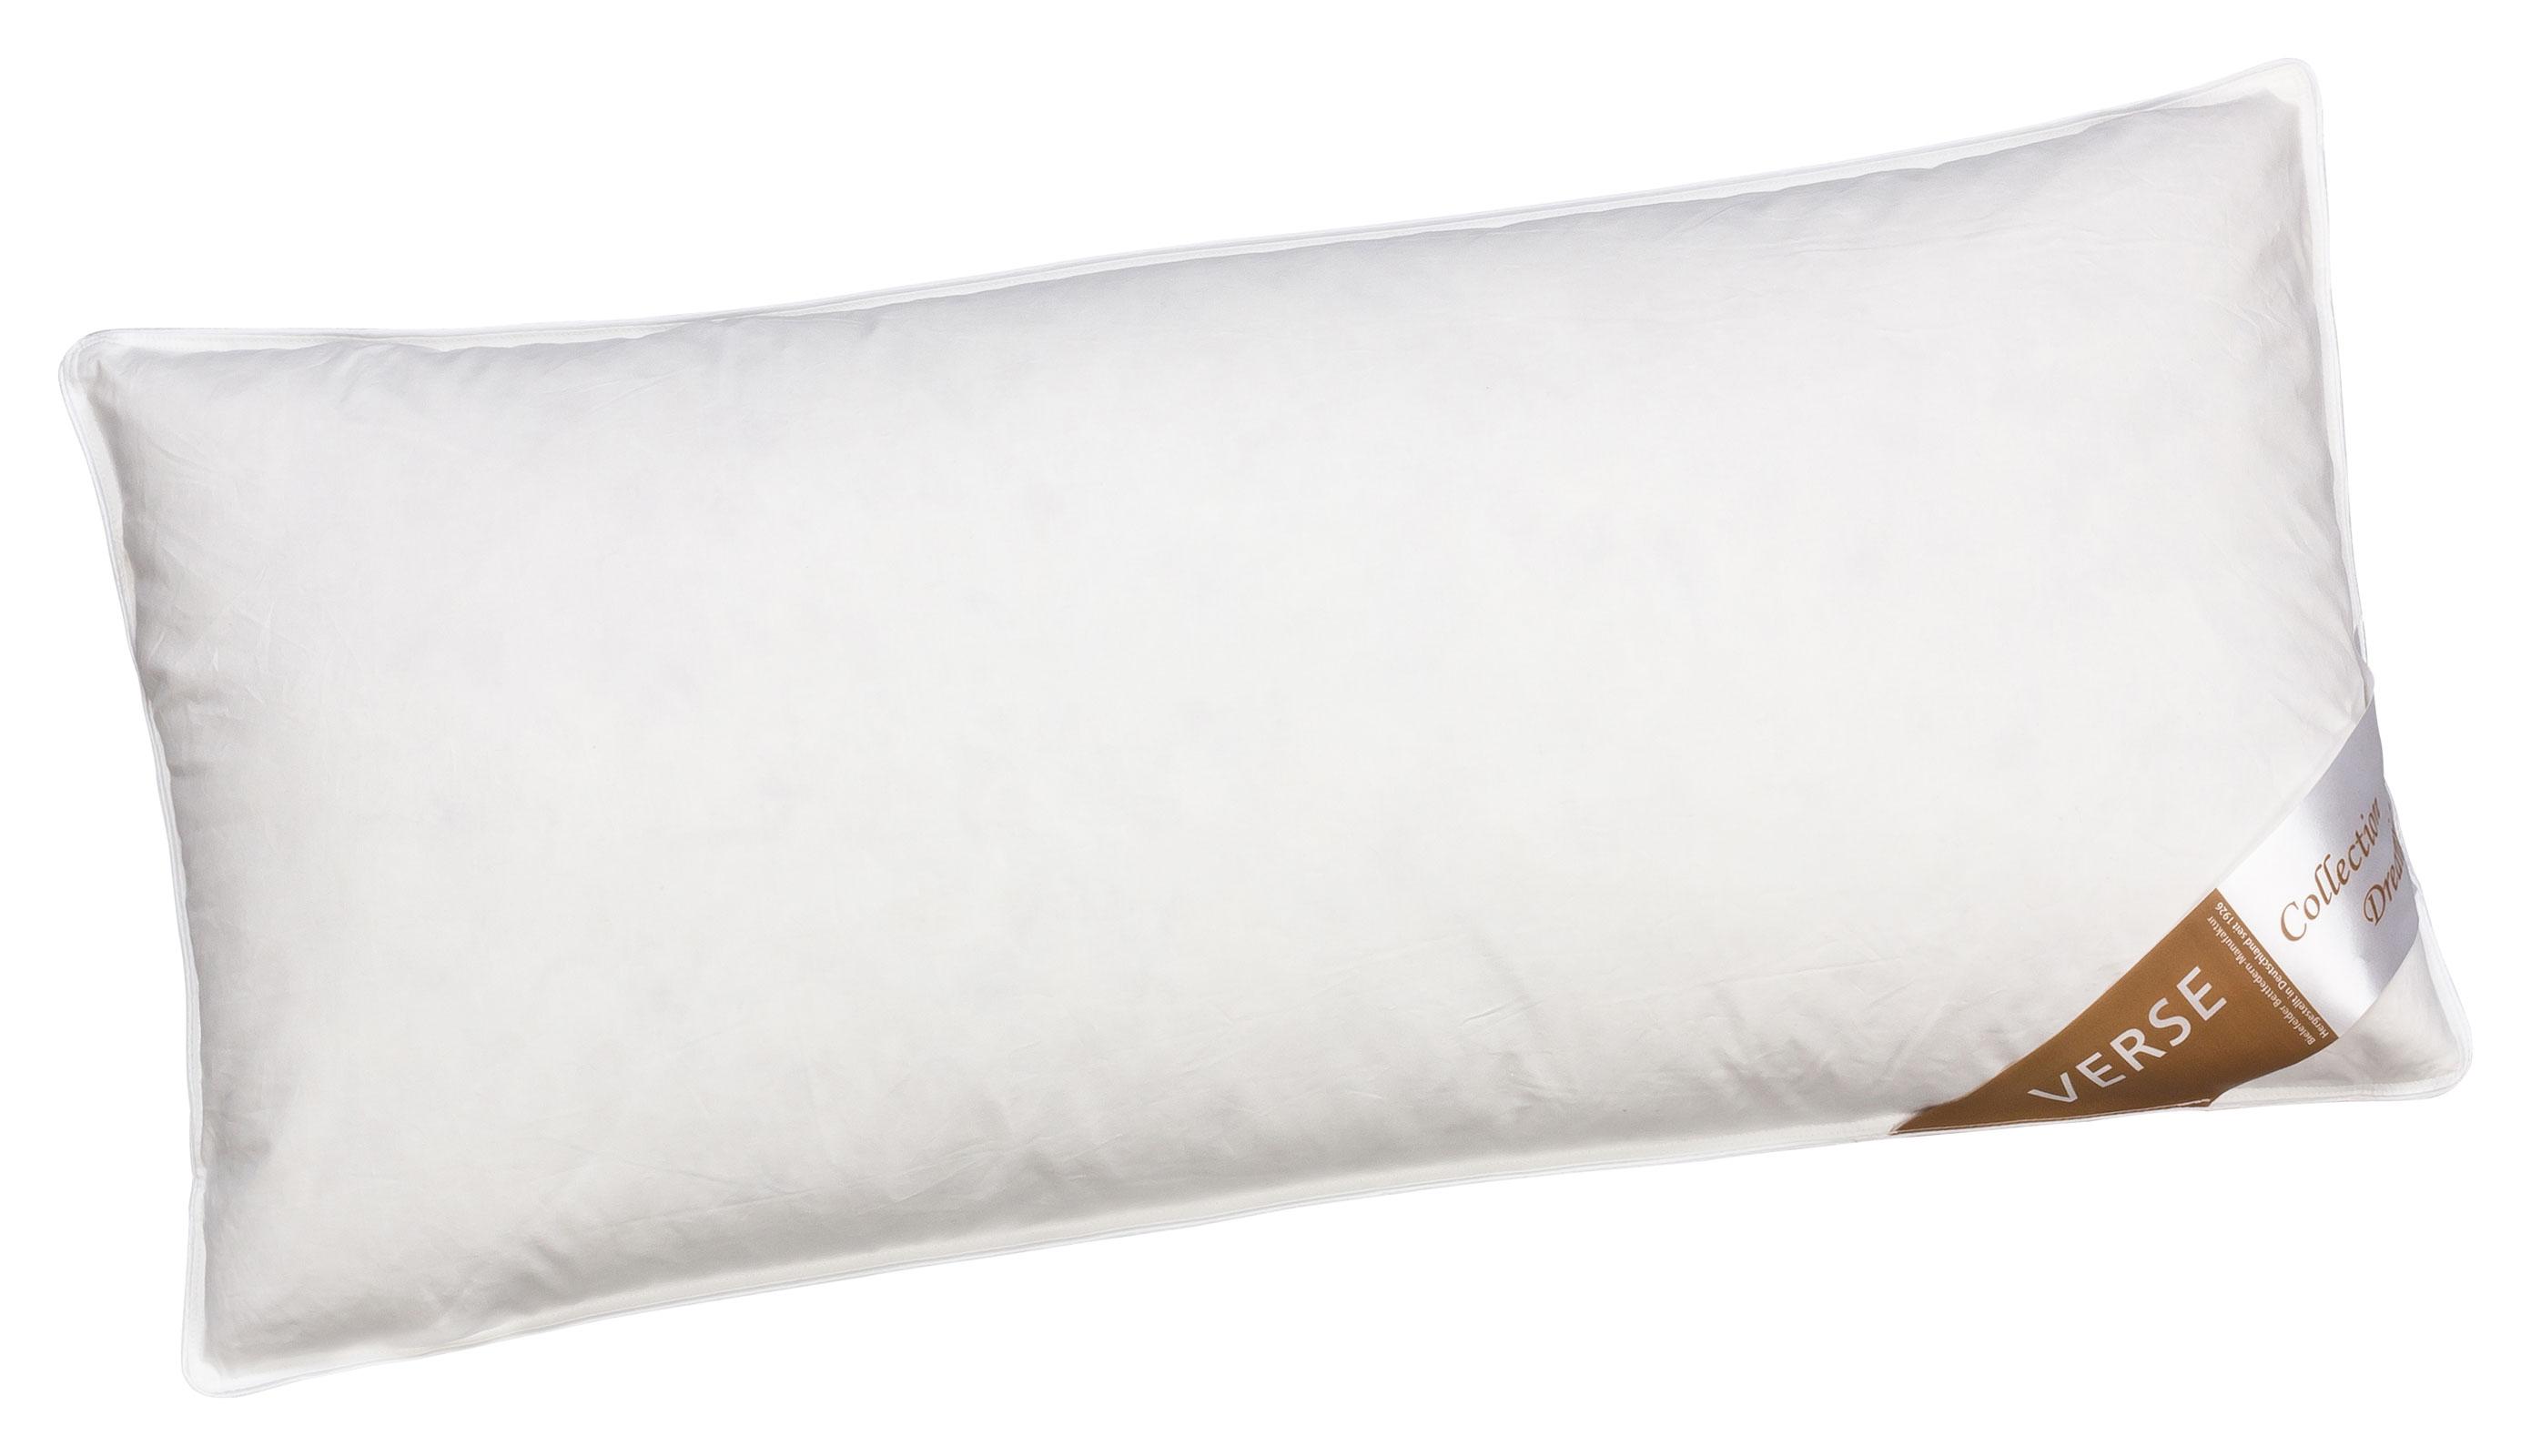 Bettdecken und Kopfkissen - Kopfkissen Daunen Kissen 40x80 fest 600g 90 Federn 10 Daunen Verse Collection Dreaming  - Onlineshop PremiumShop321